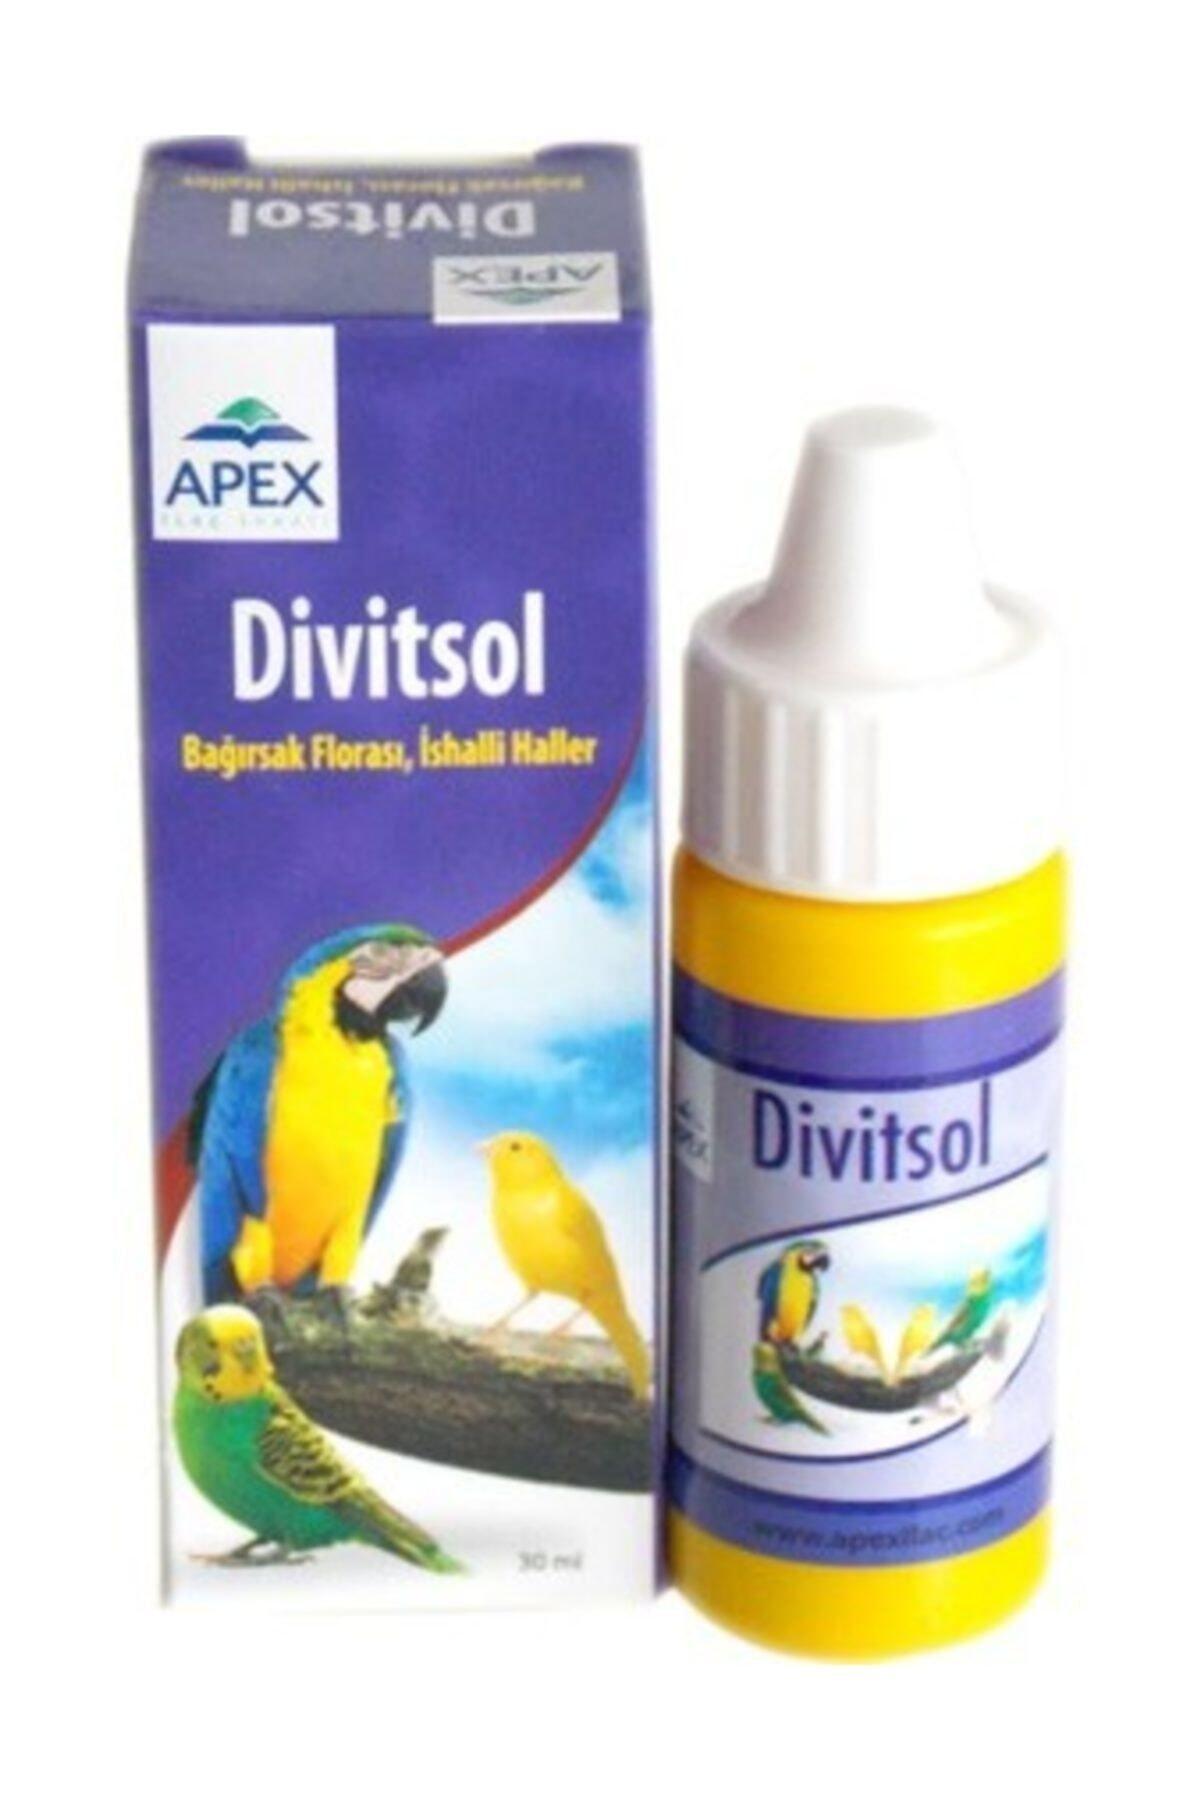 Apex Divitsol Kuş Için Bağırsak Florası Ishal 30 ml 1